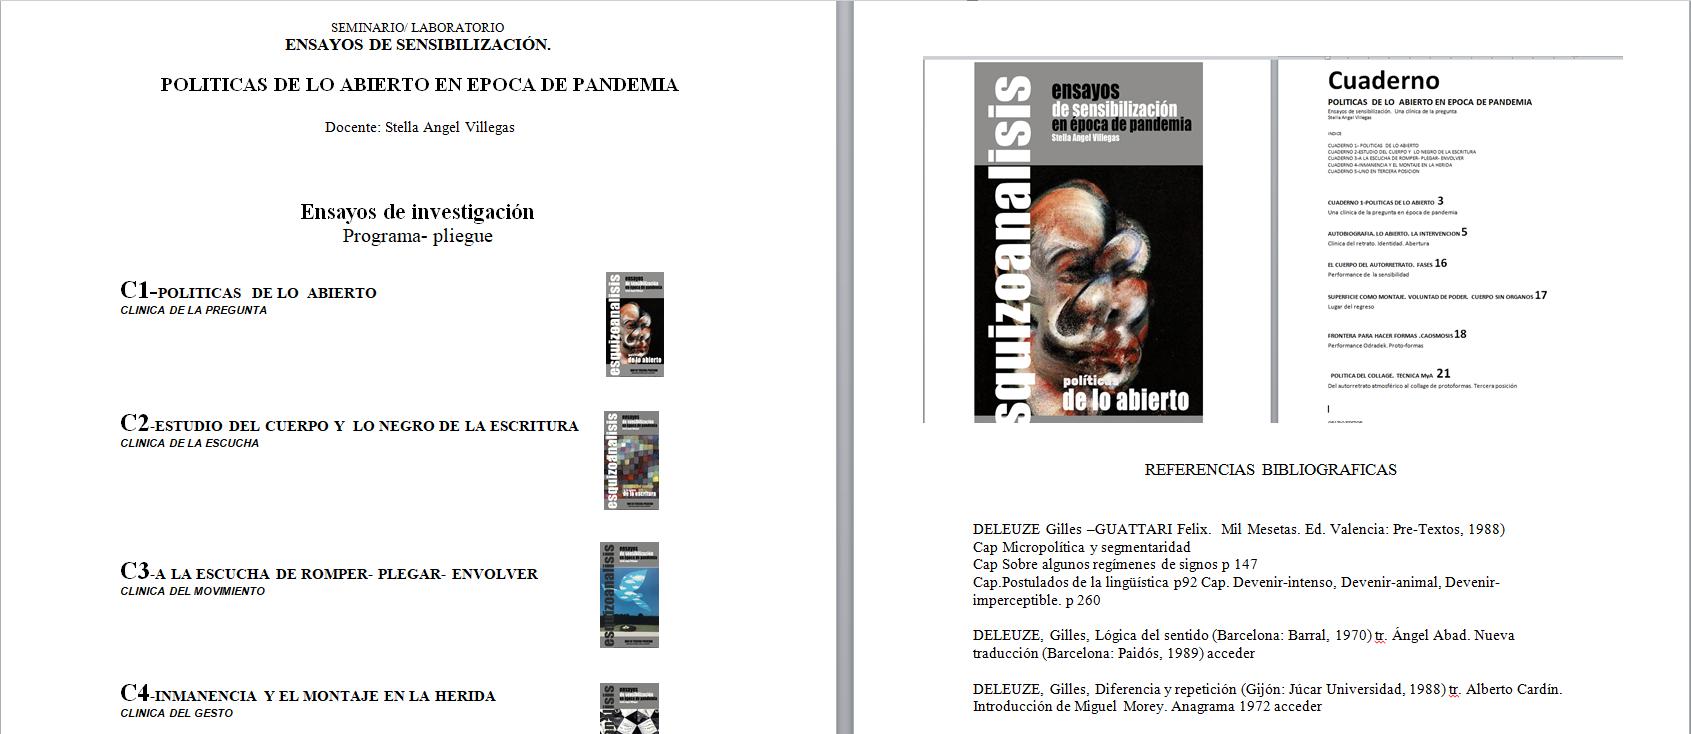 http://medicinayarte.com/img/ensayos_programa_bibliografia.png